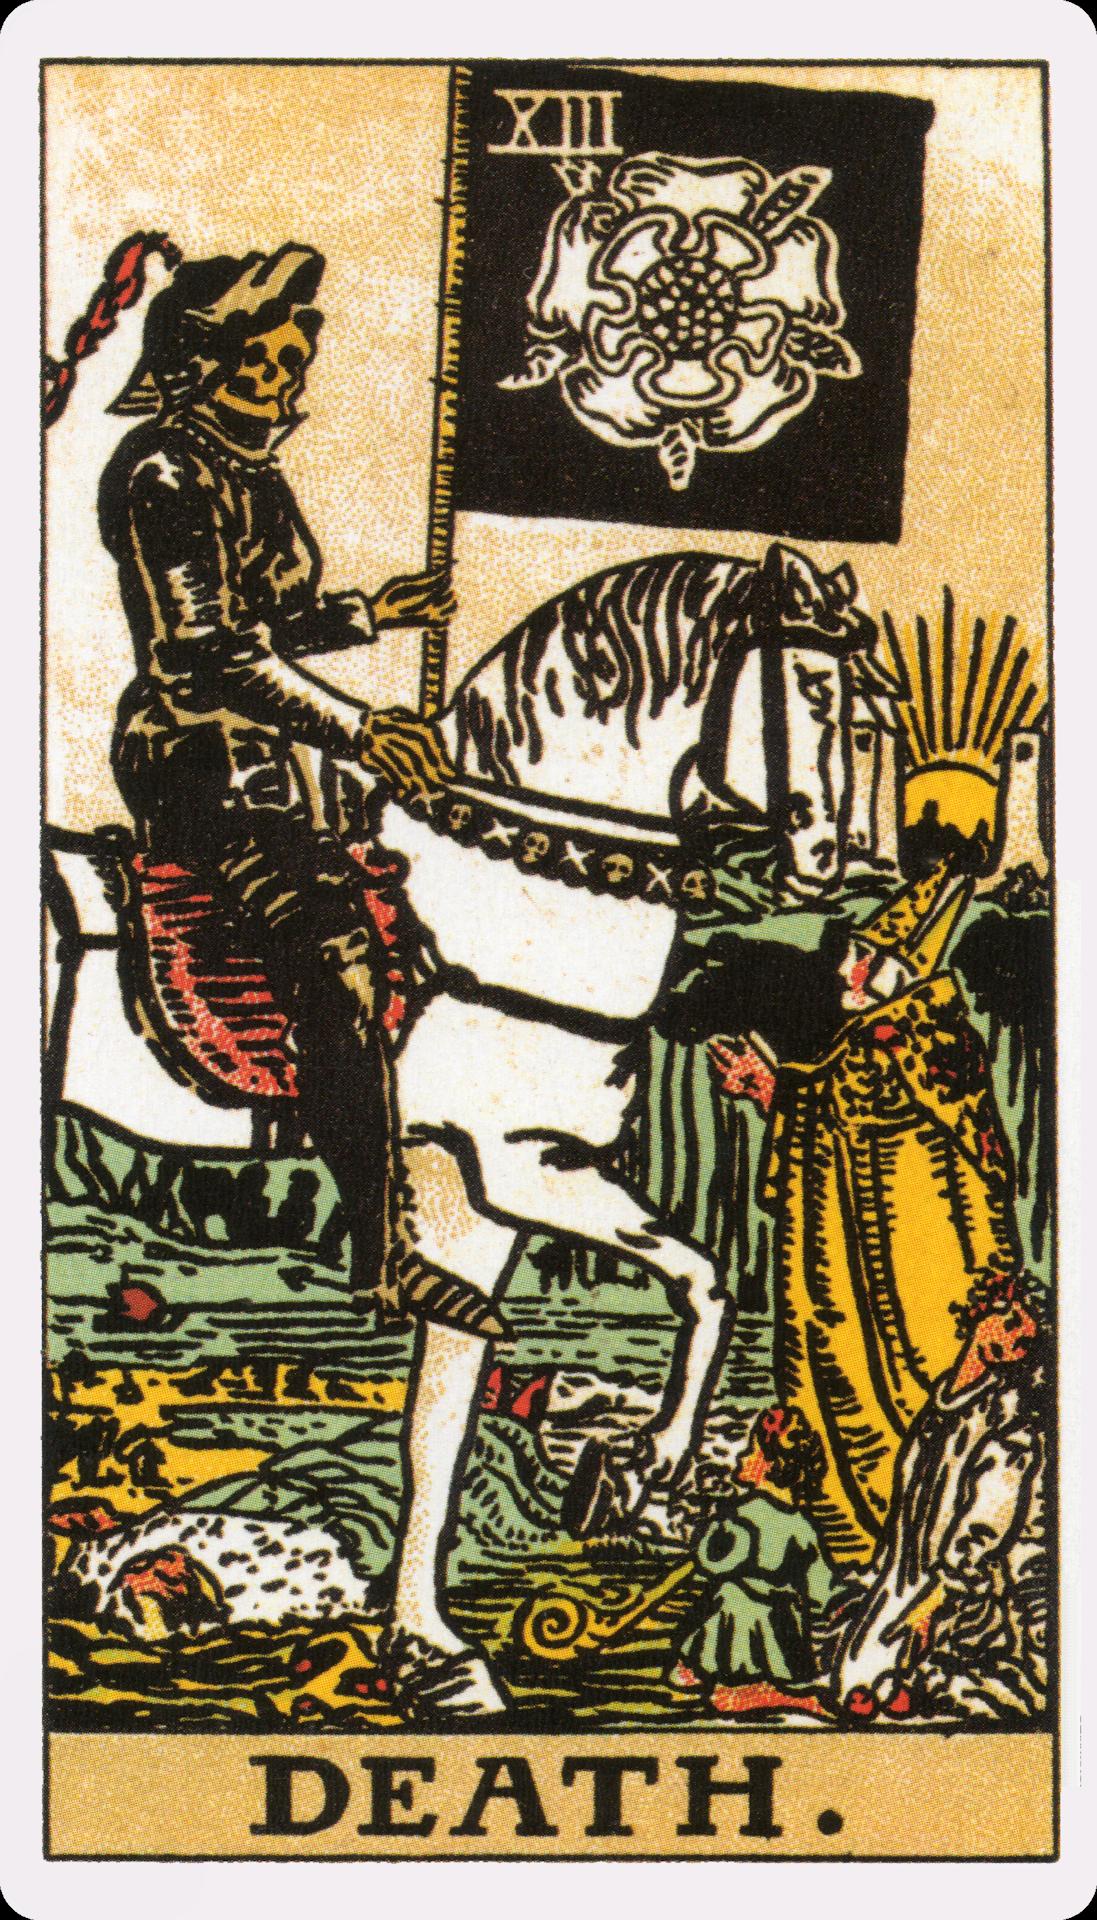 Tarot-Astrológico-Do-Signo-De-Escorpião-Carta-da-Morte 1.png